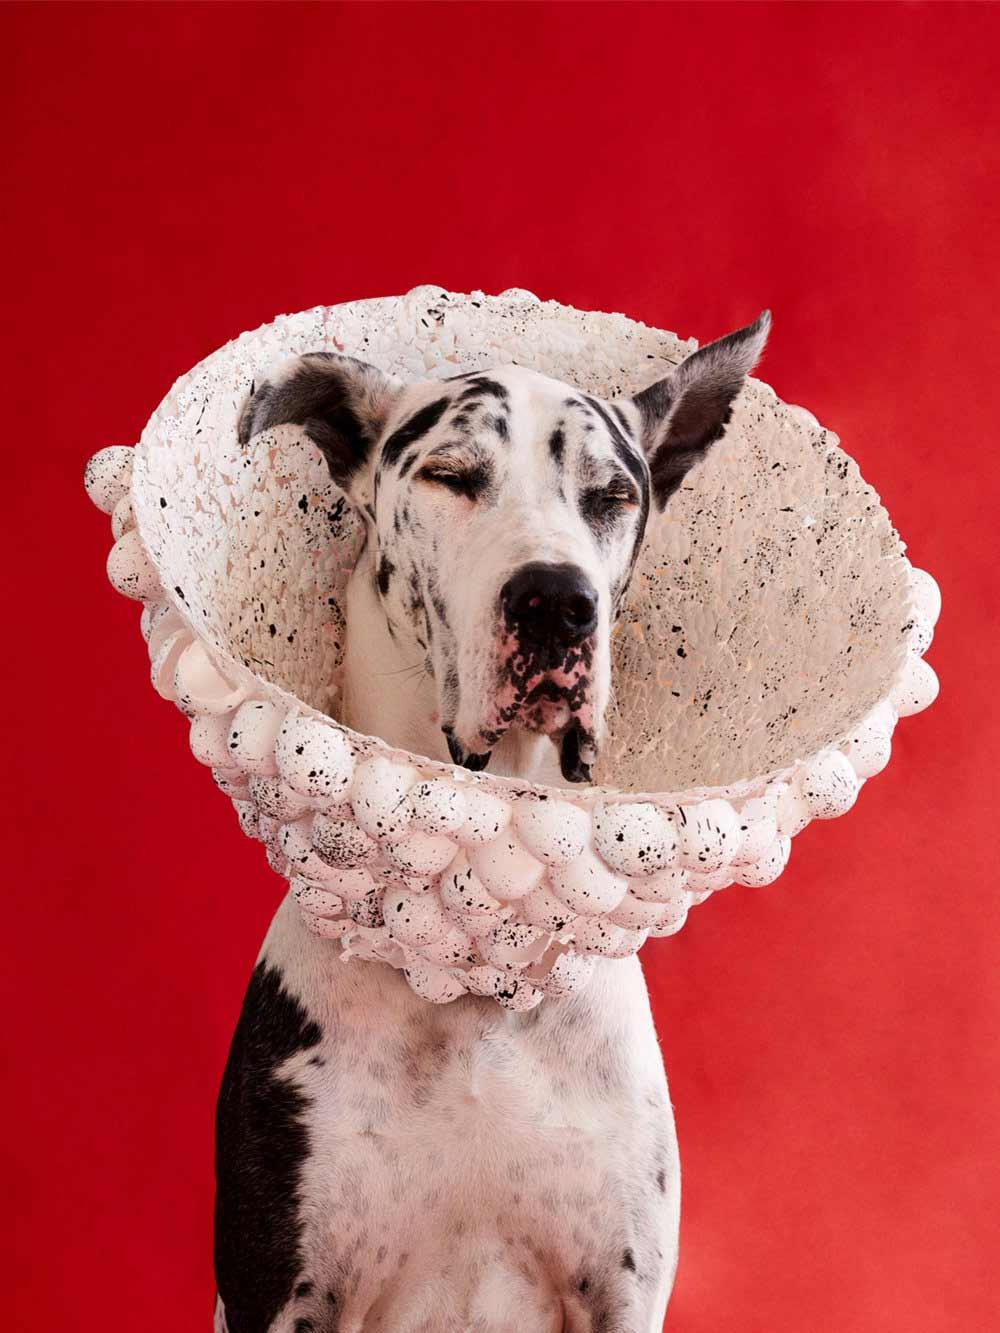 Ausgefallene Schutzkragen für Hunde cone-of-shame-winnie-au-Marie-yan-morvan_07